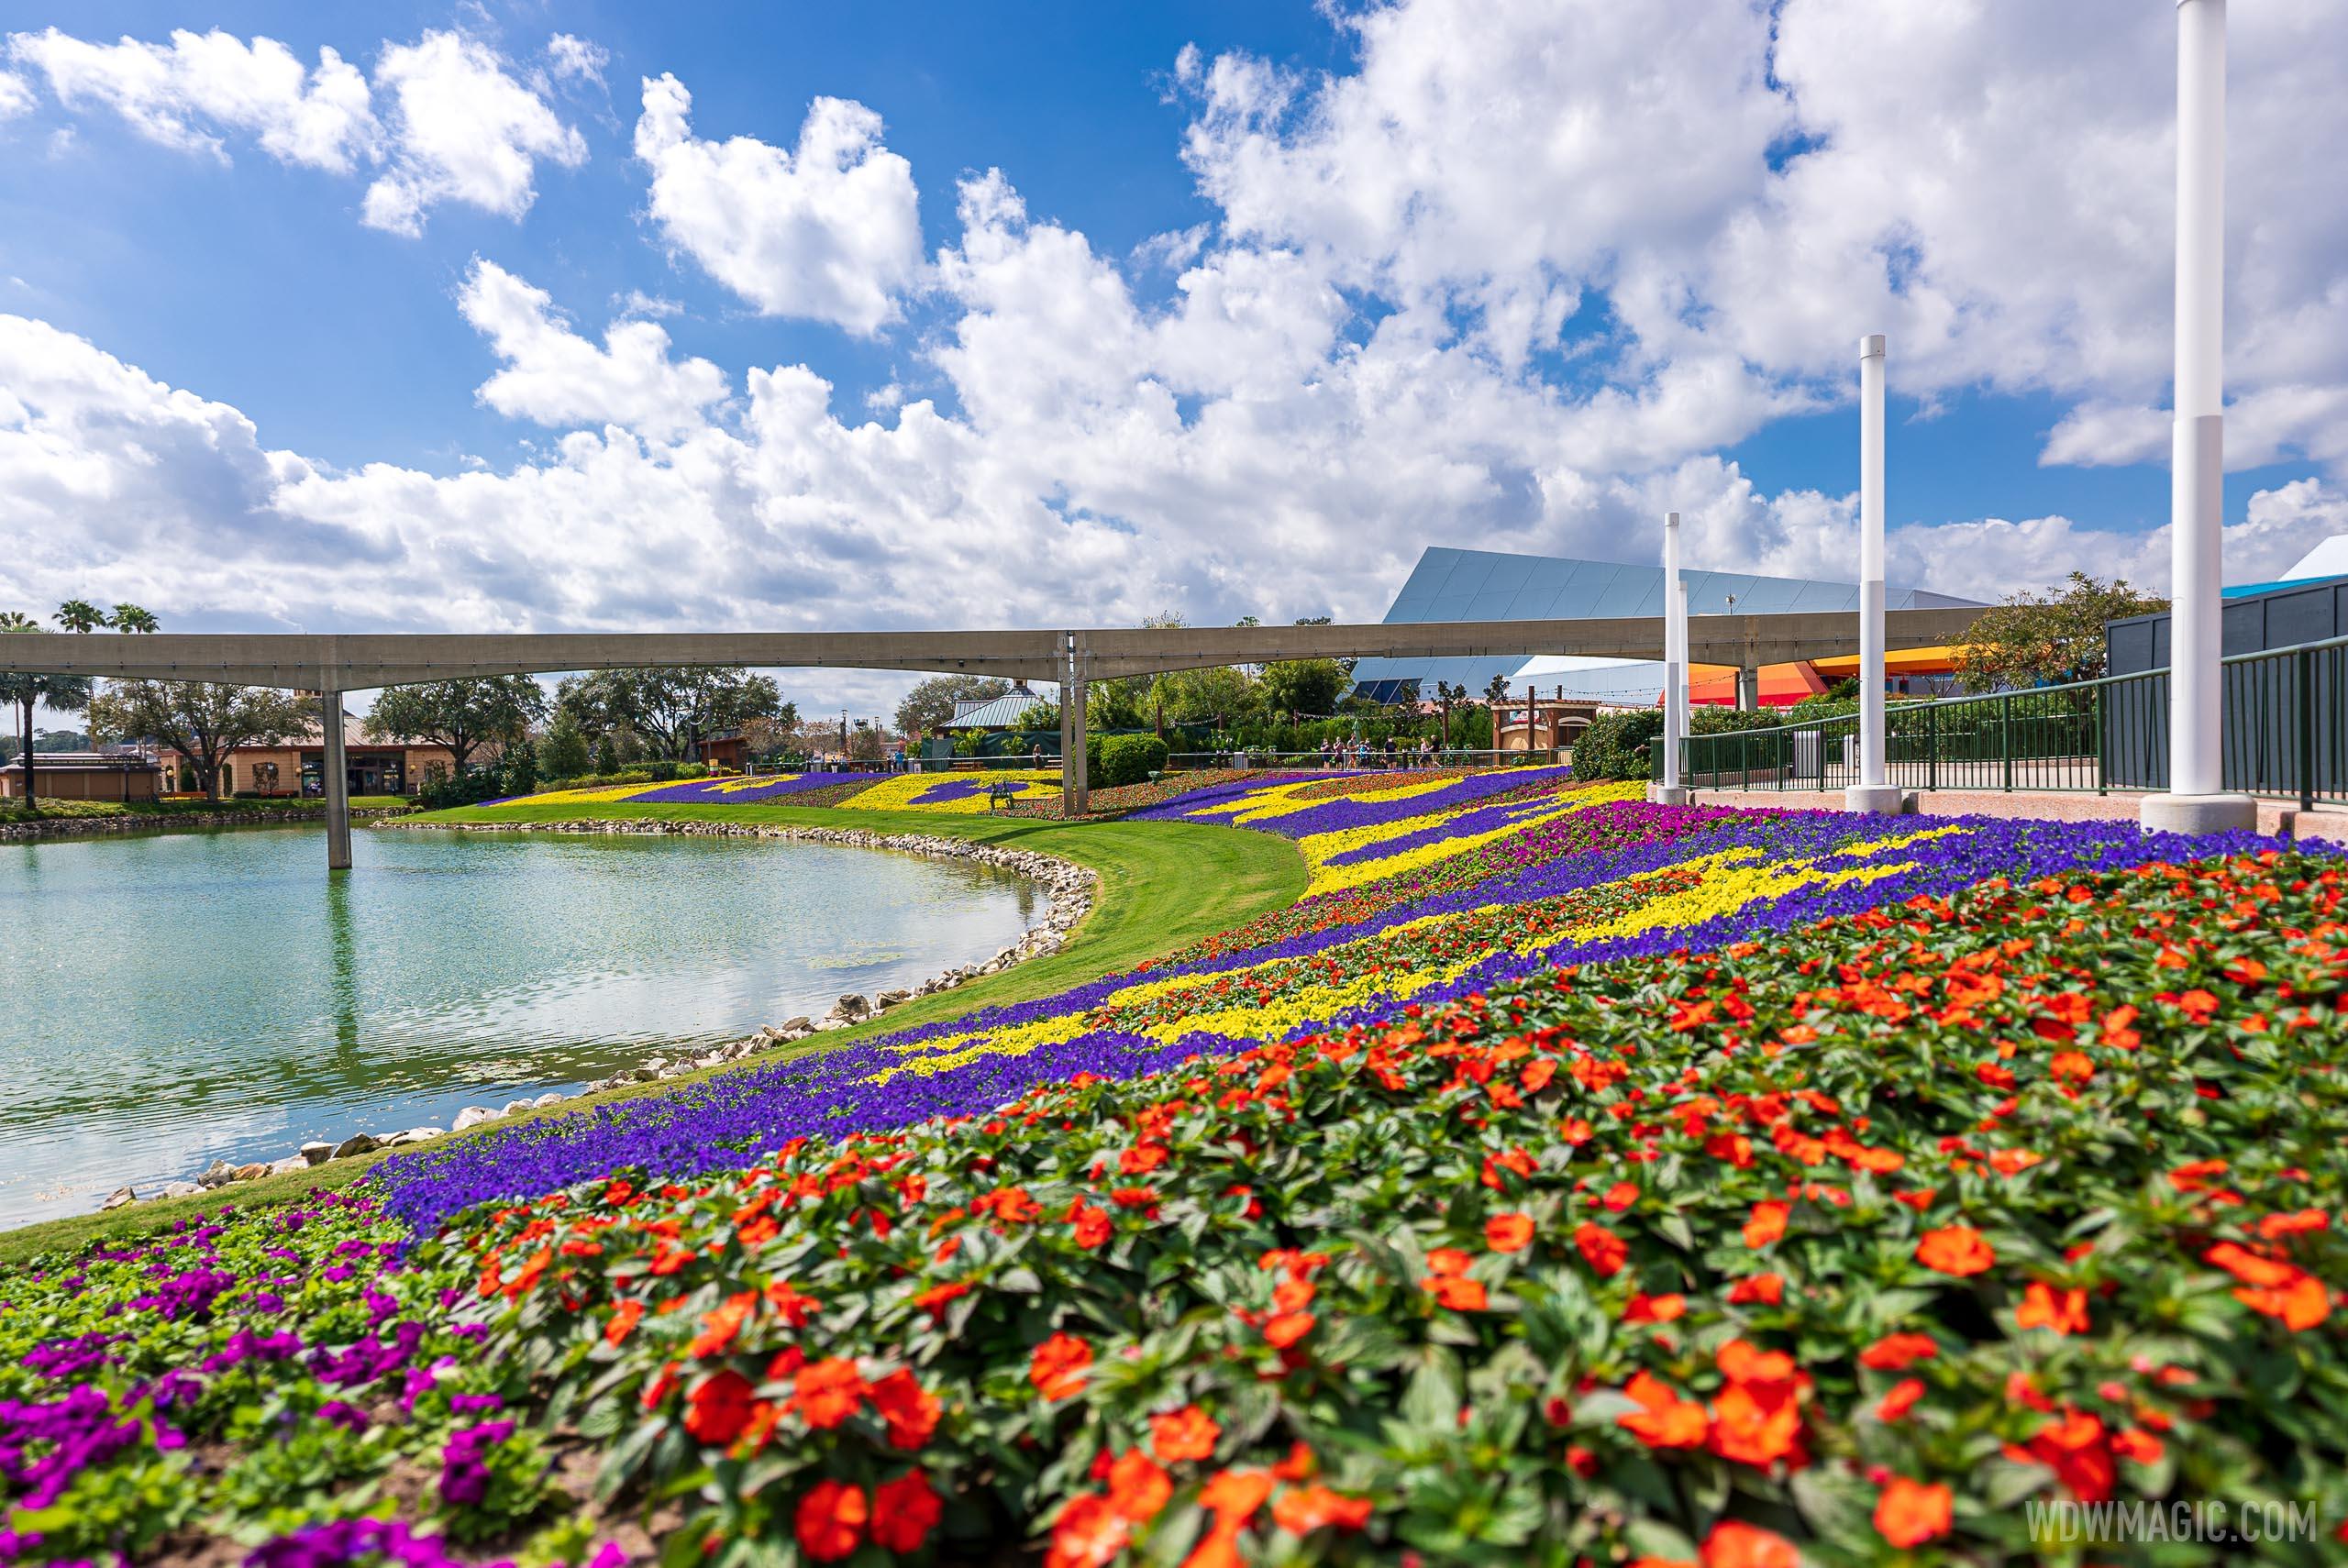 Future World West gardens